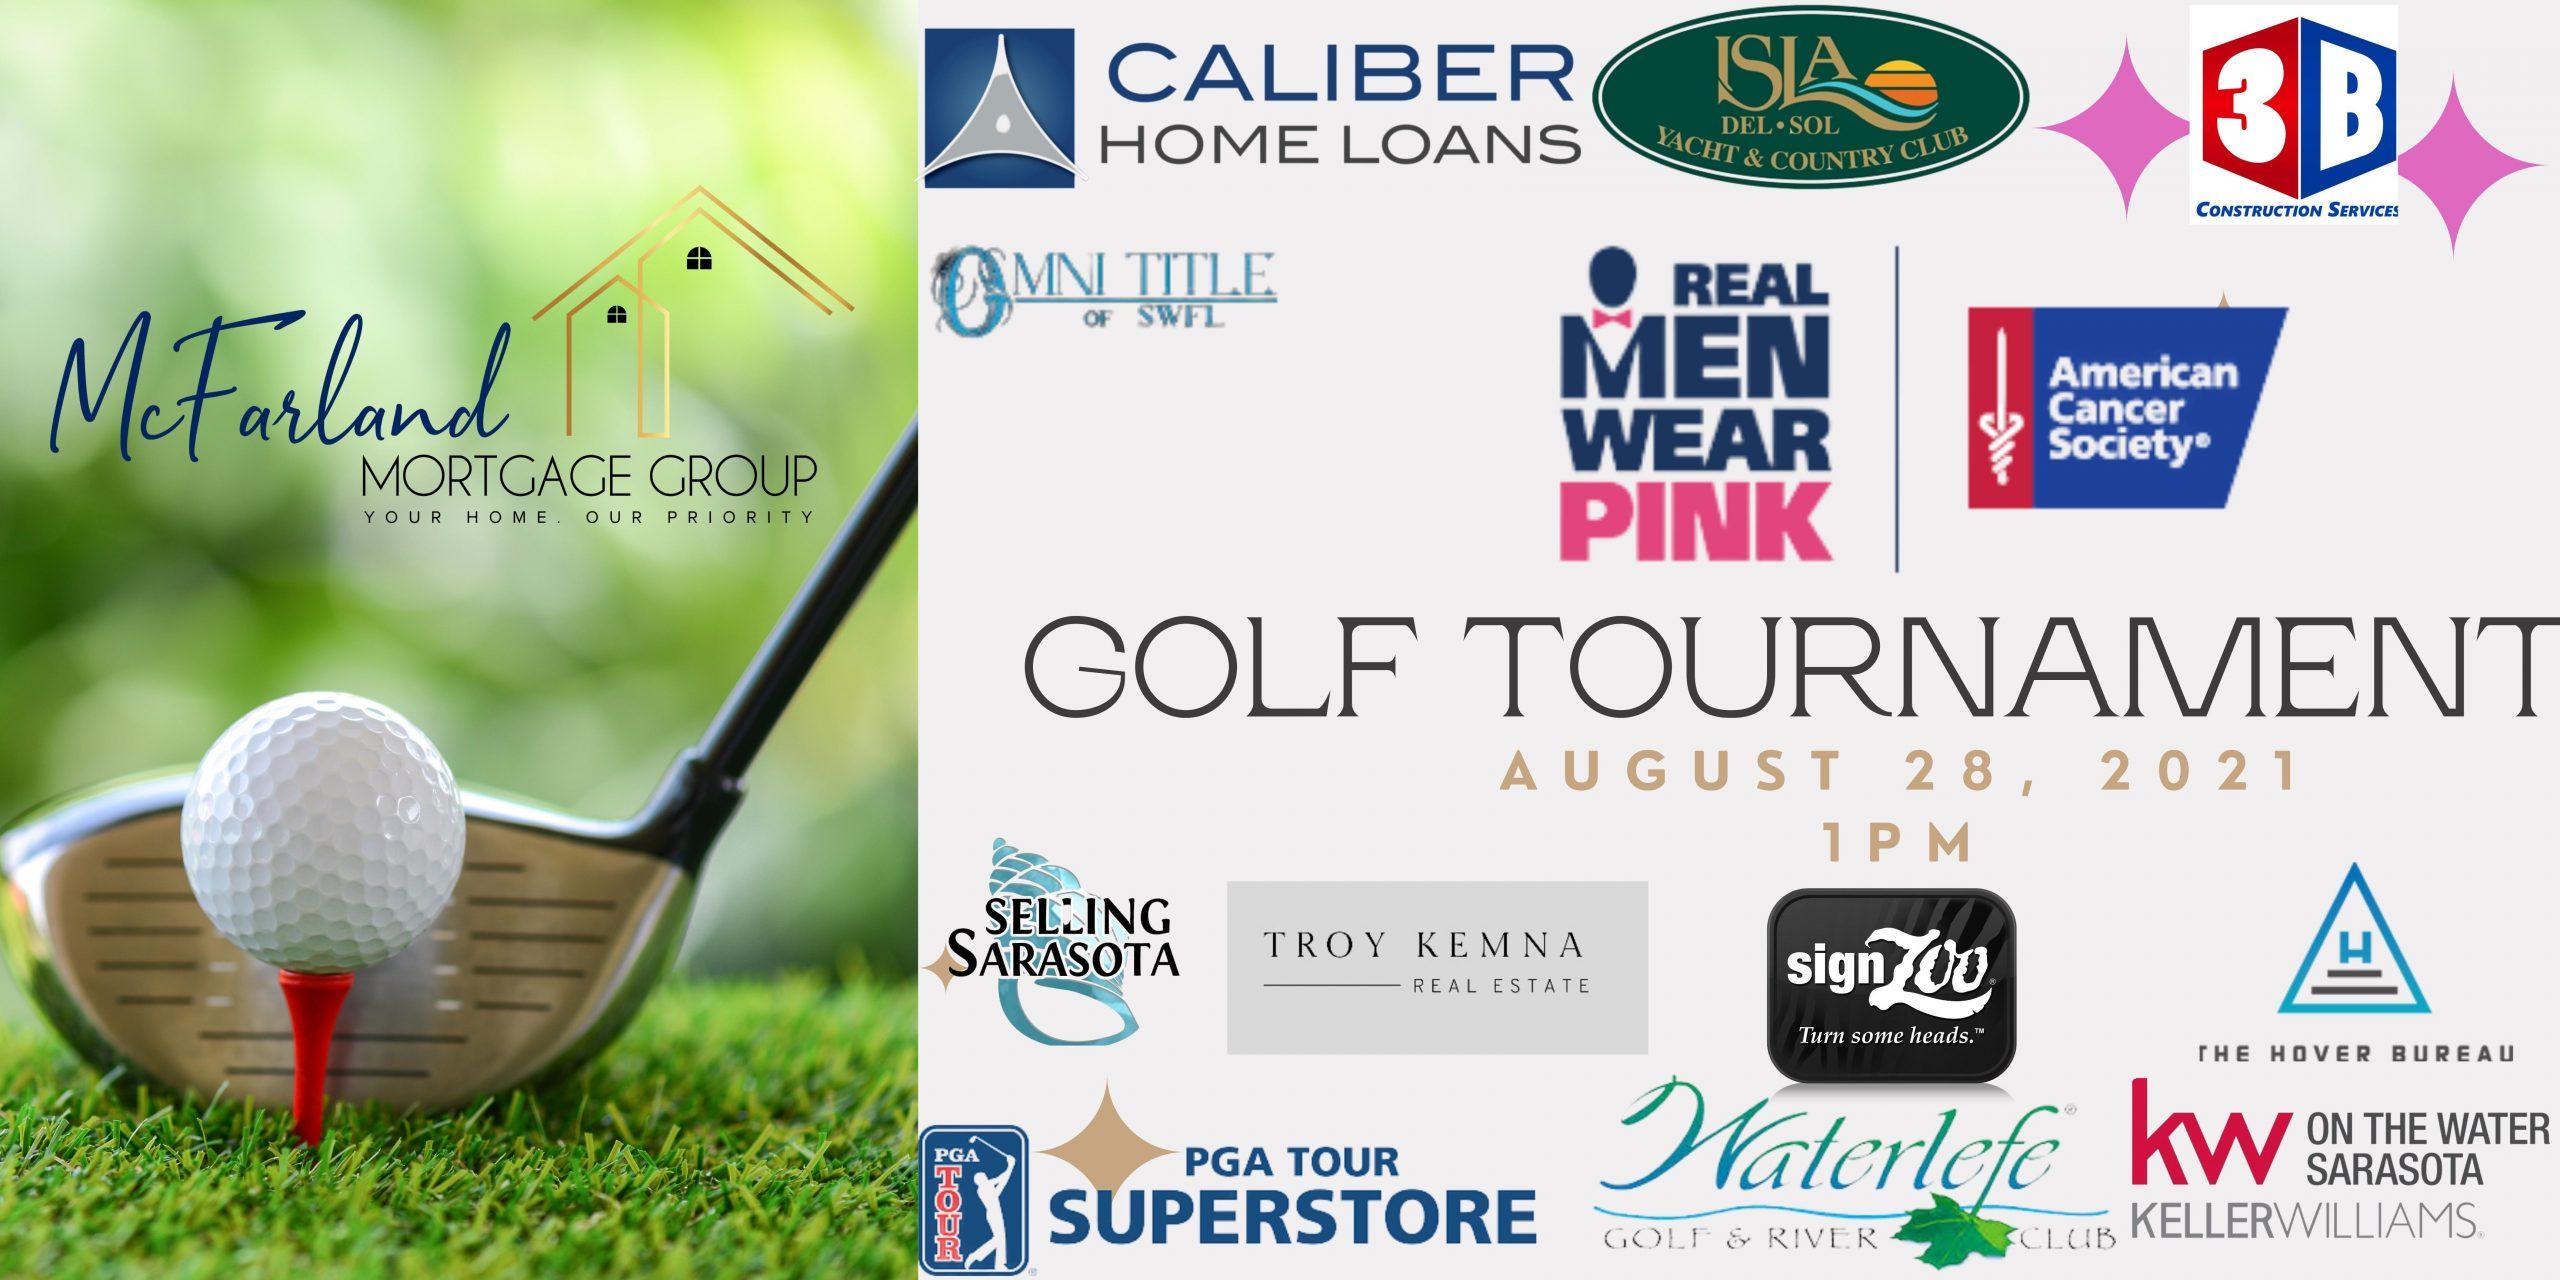 Real Men Wear Pink Golf Tournament